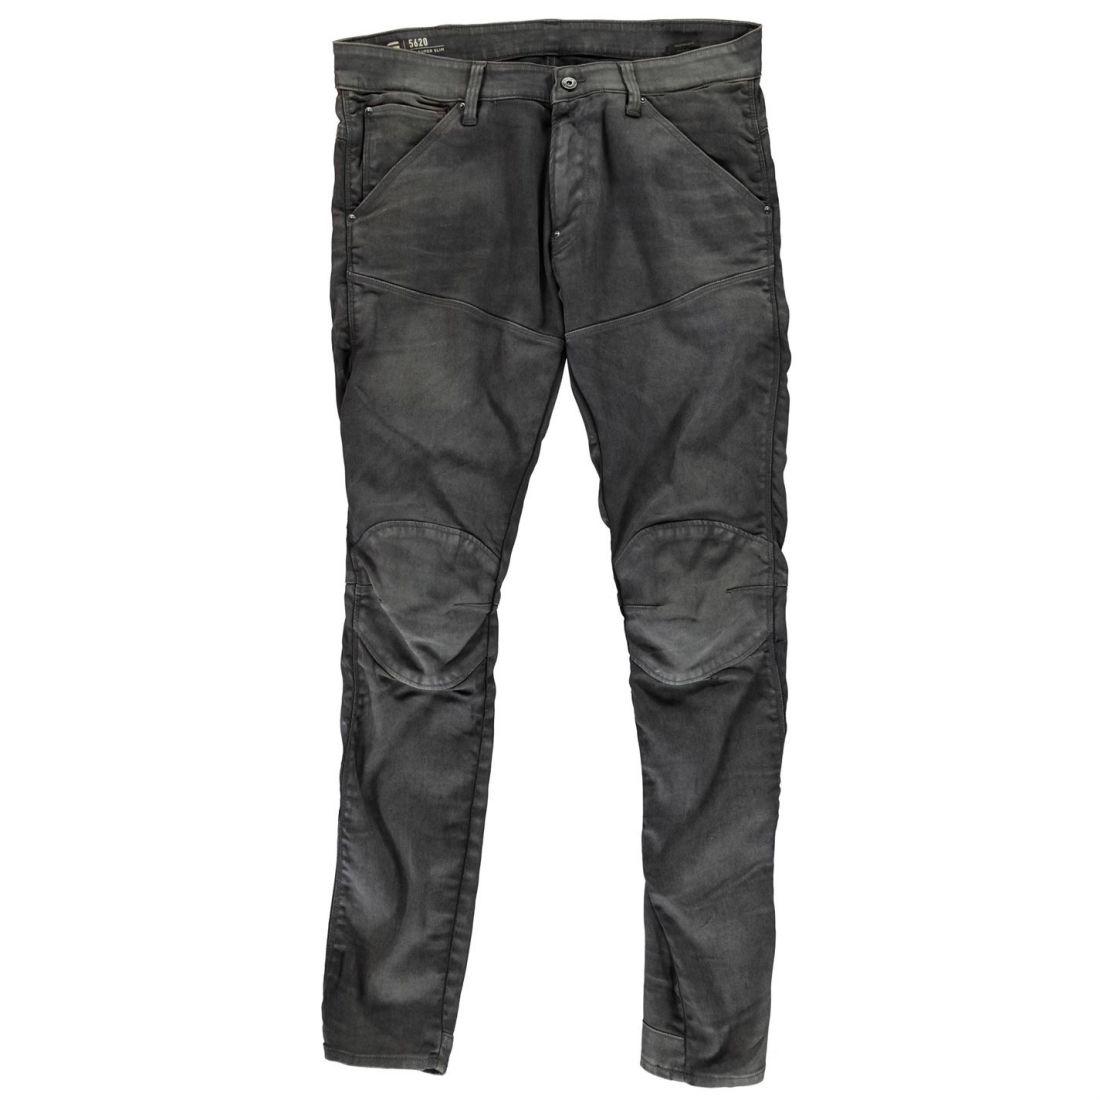 d204ea2c Details about G Star Mens Raw 5620 3D Super Slim Jeans Straight Pants  Trousers Bottoms Zip Fit